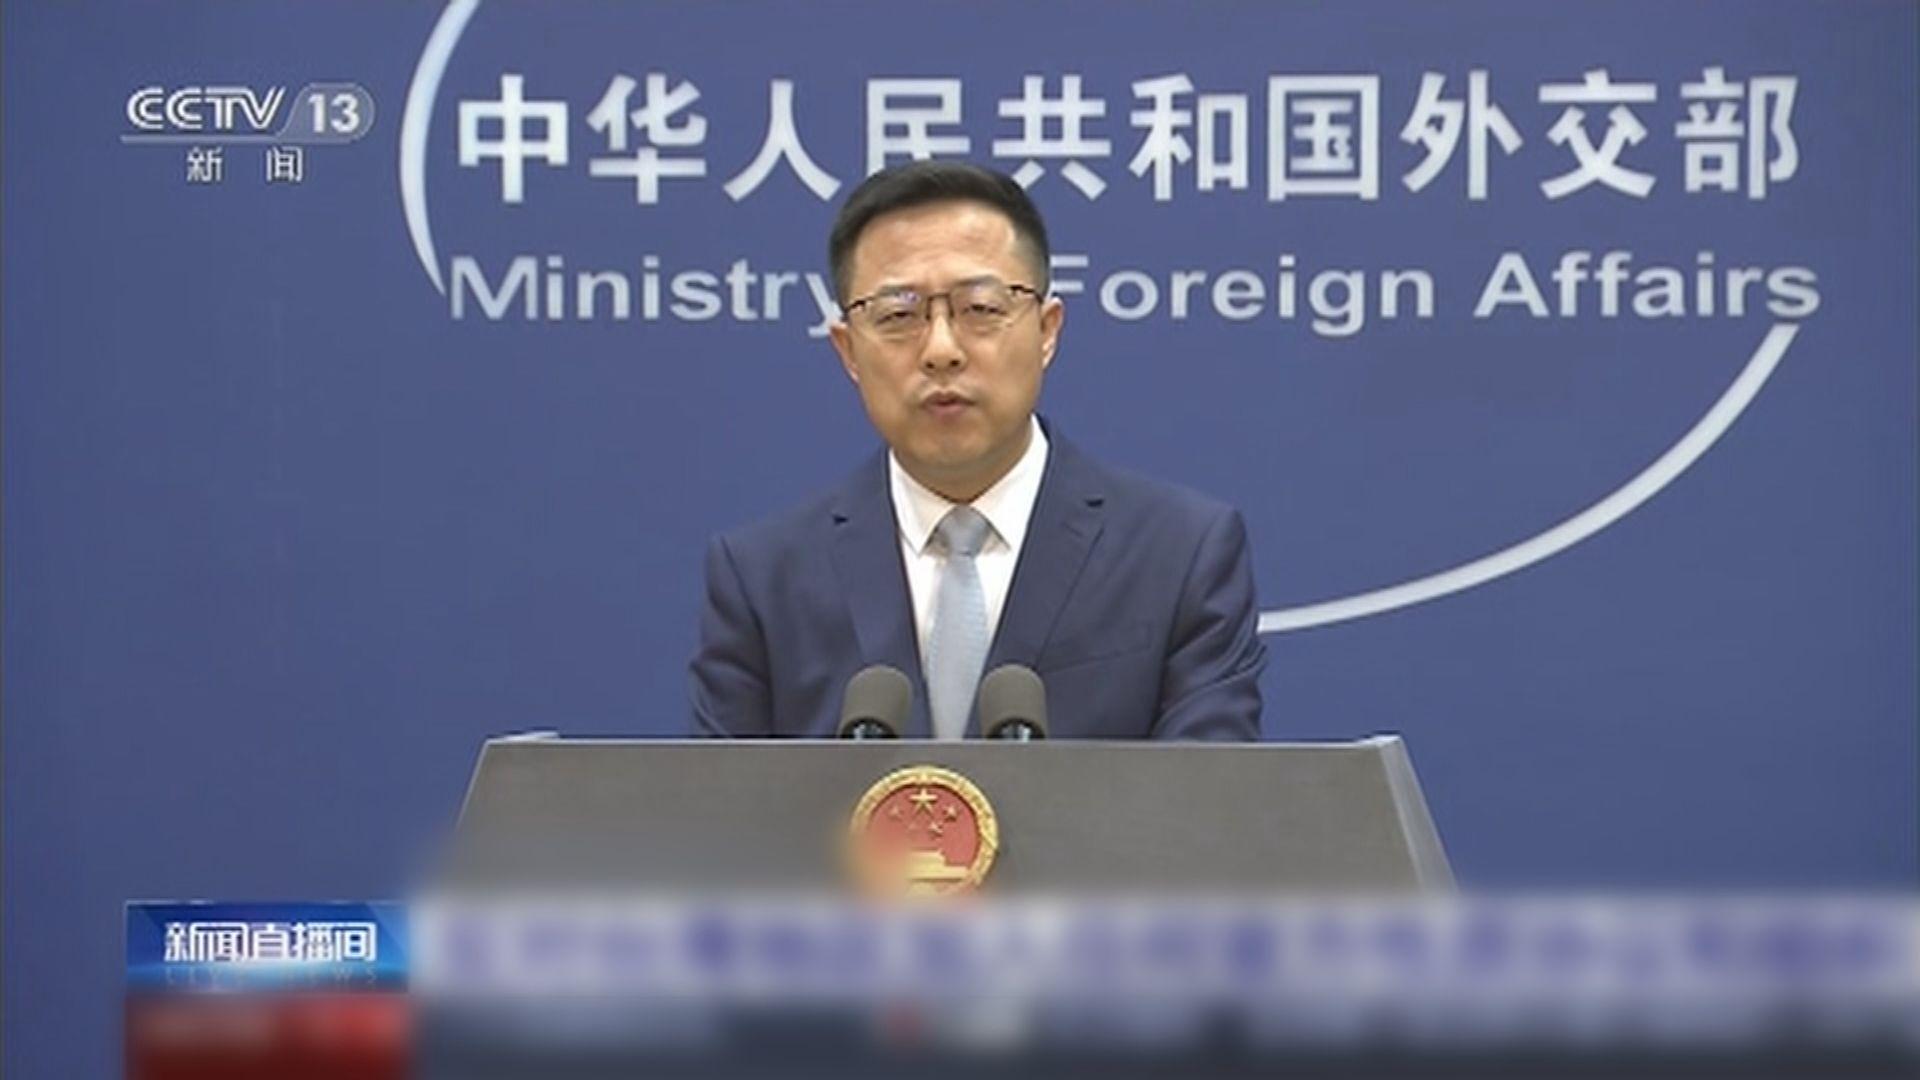 外交部︰堅決反對台灣加入官方性質協議組織